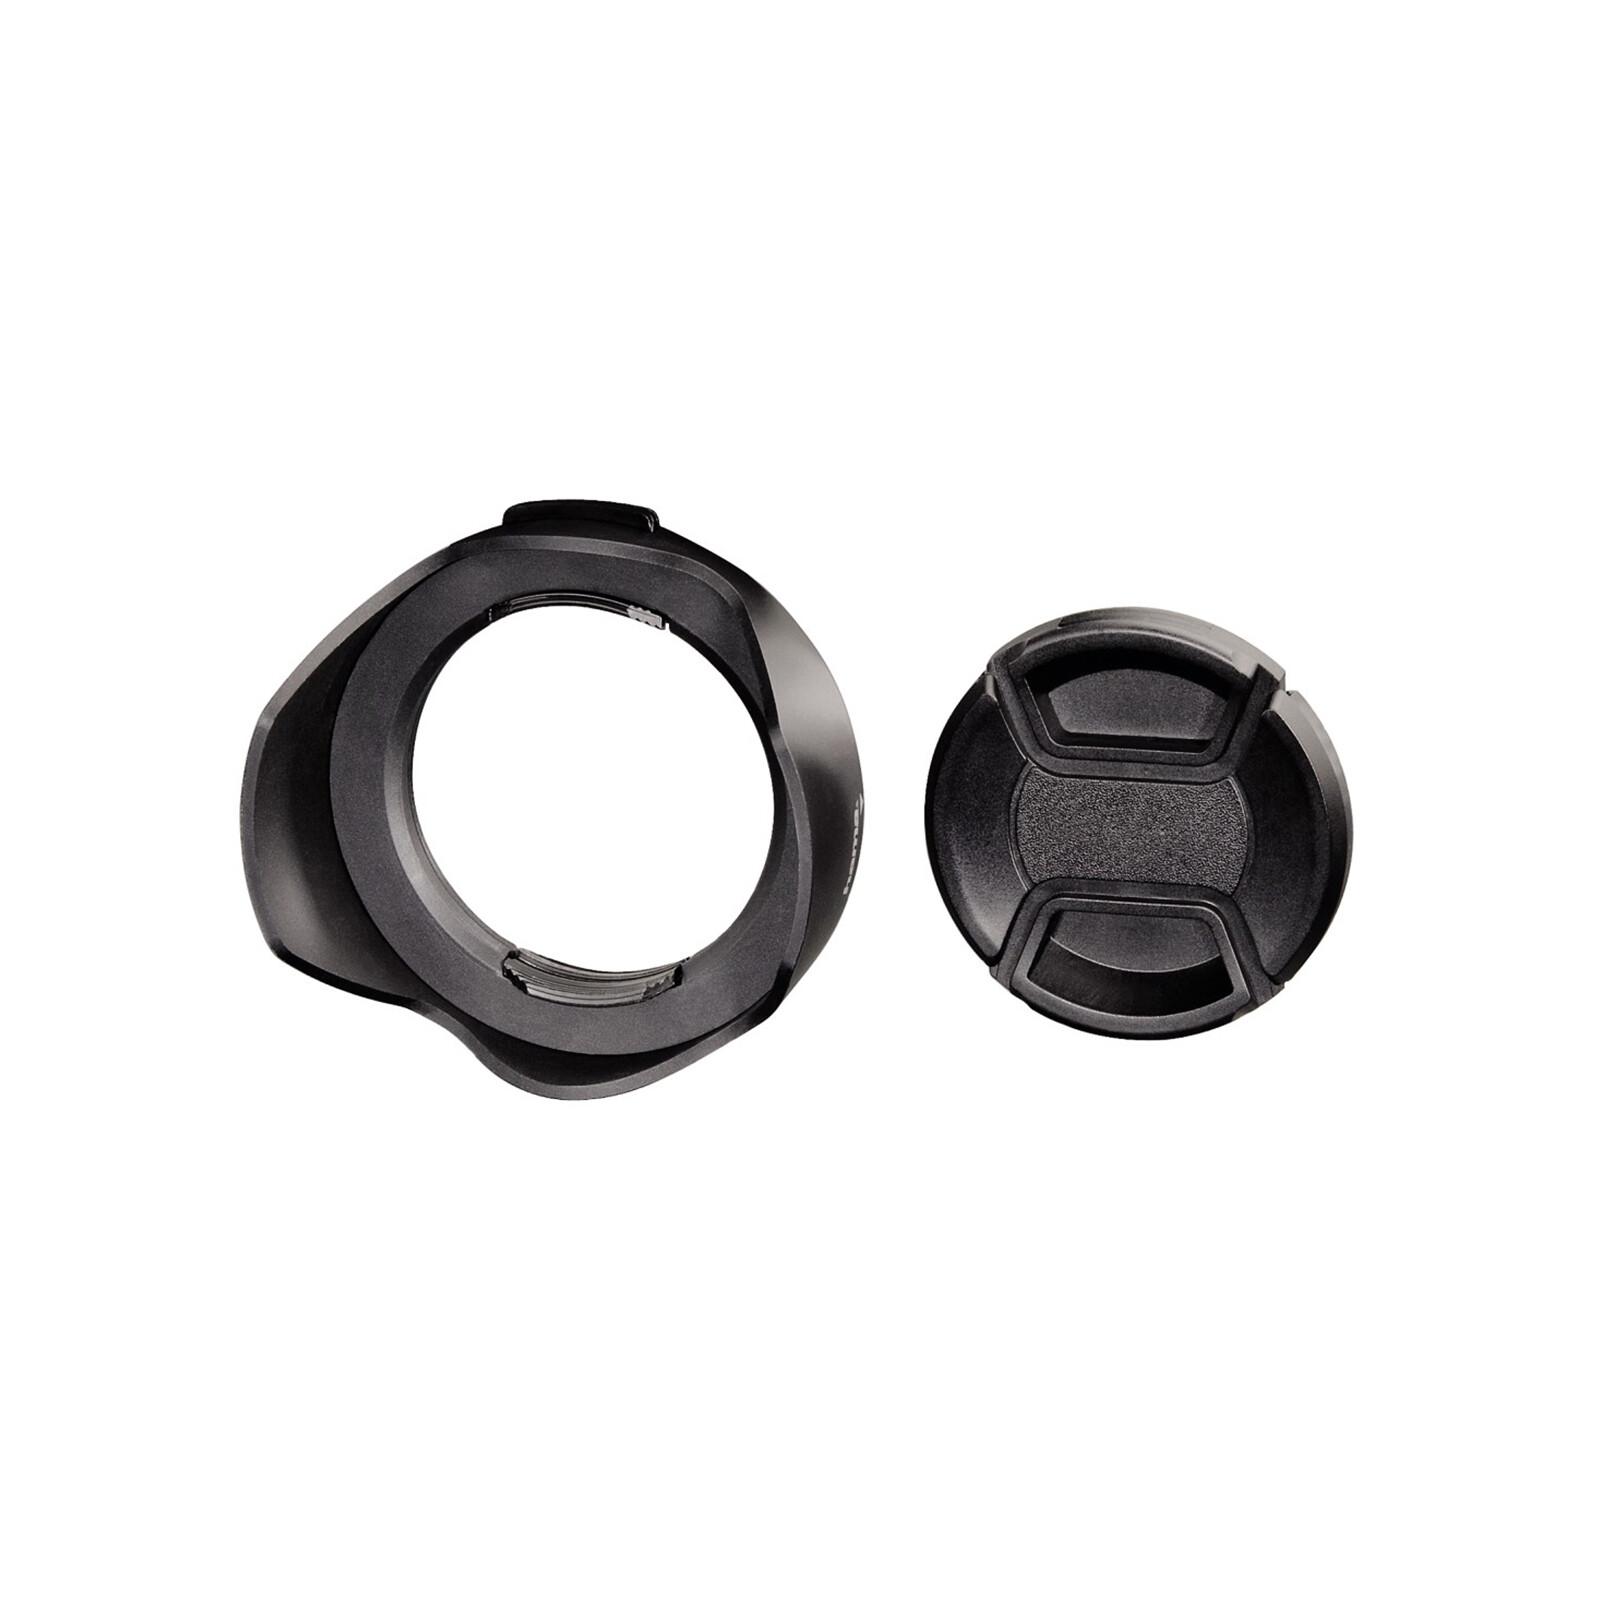 Hama 93652 Gegenlichtblende 52mm mit Objektivdeckel